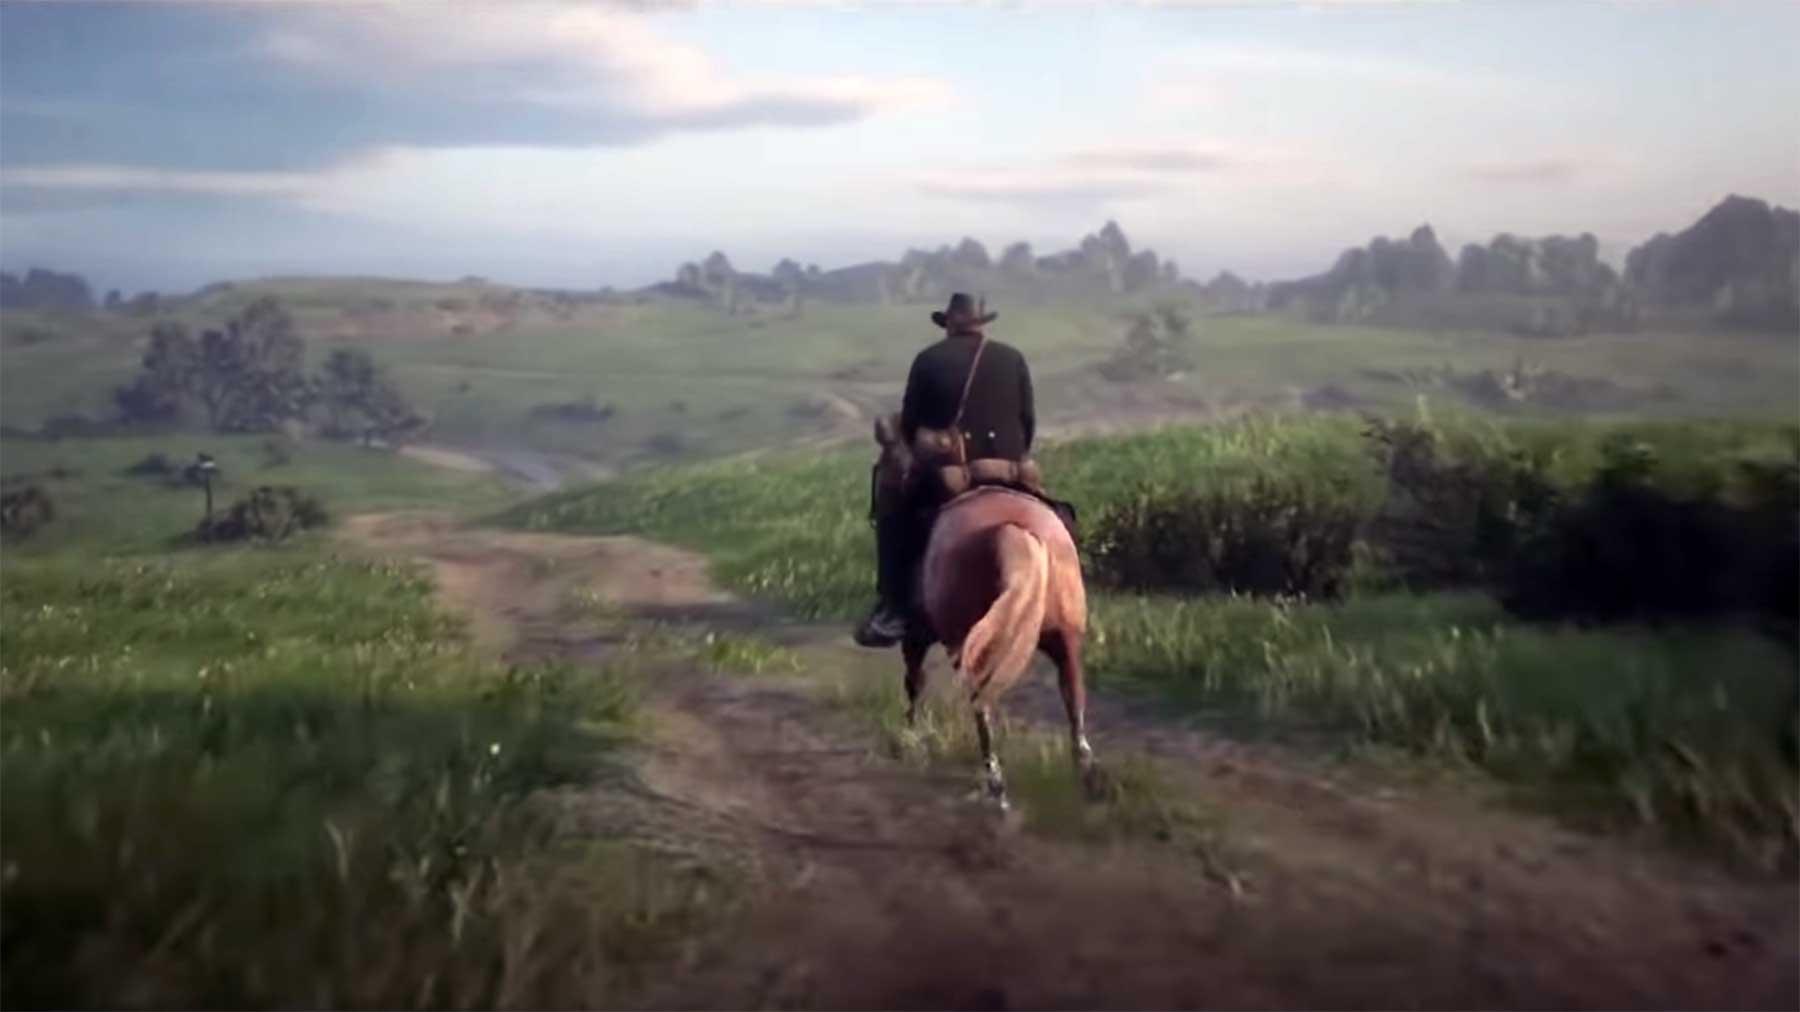 Werden Open World-Spiele zu groß und anstrengend? open-world-videospiele-fluch-oder-segen